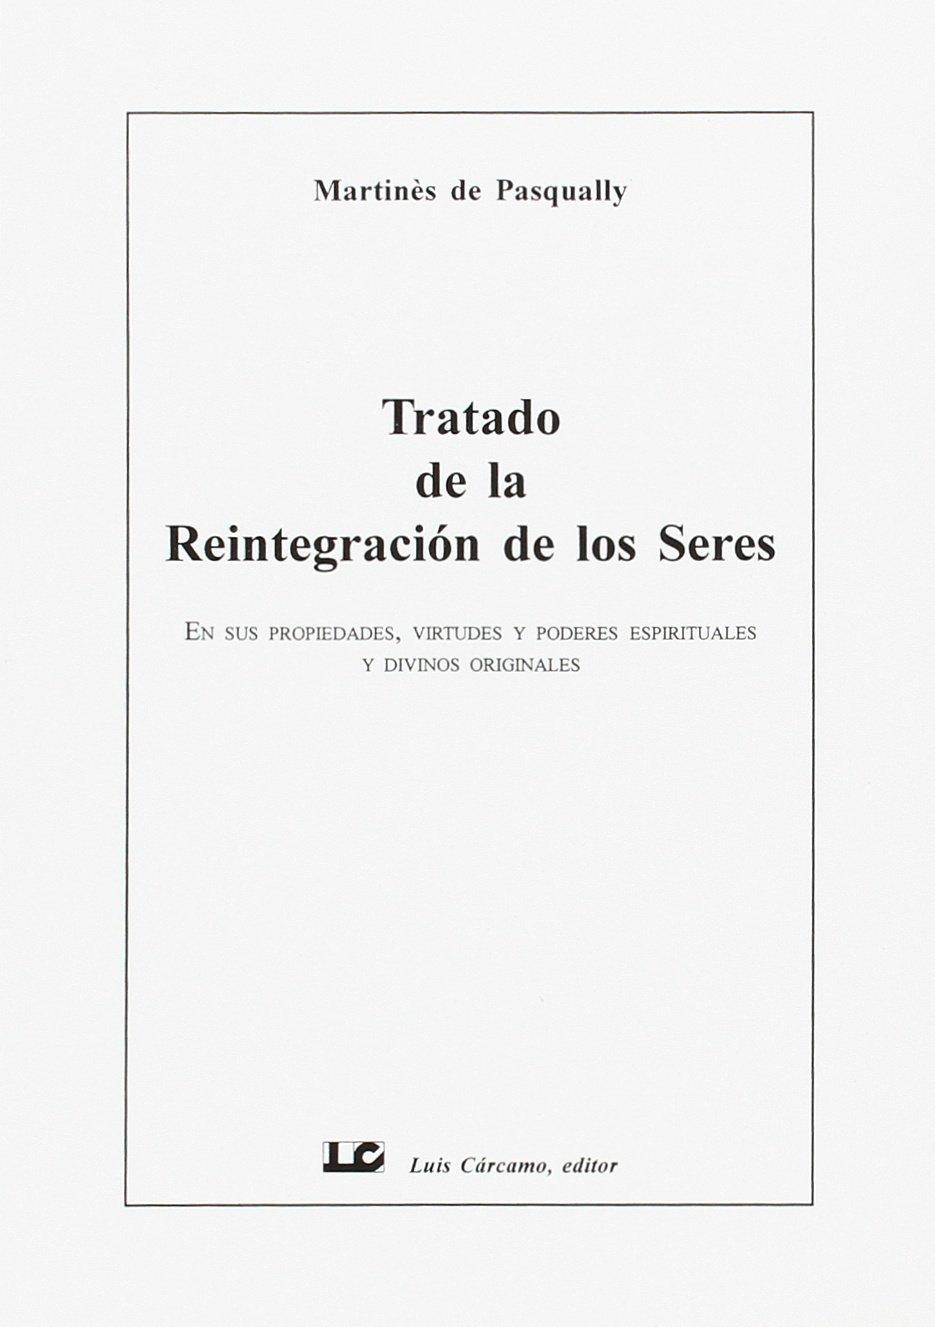 Download Trtado de La Reintegracion de Los Seres (Spanish Edition) ebook